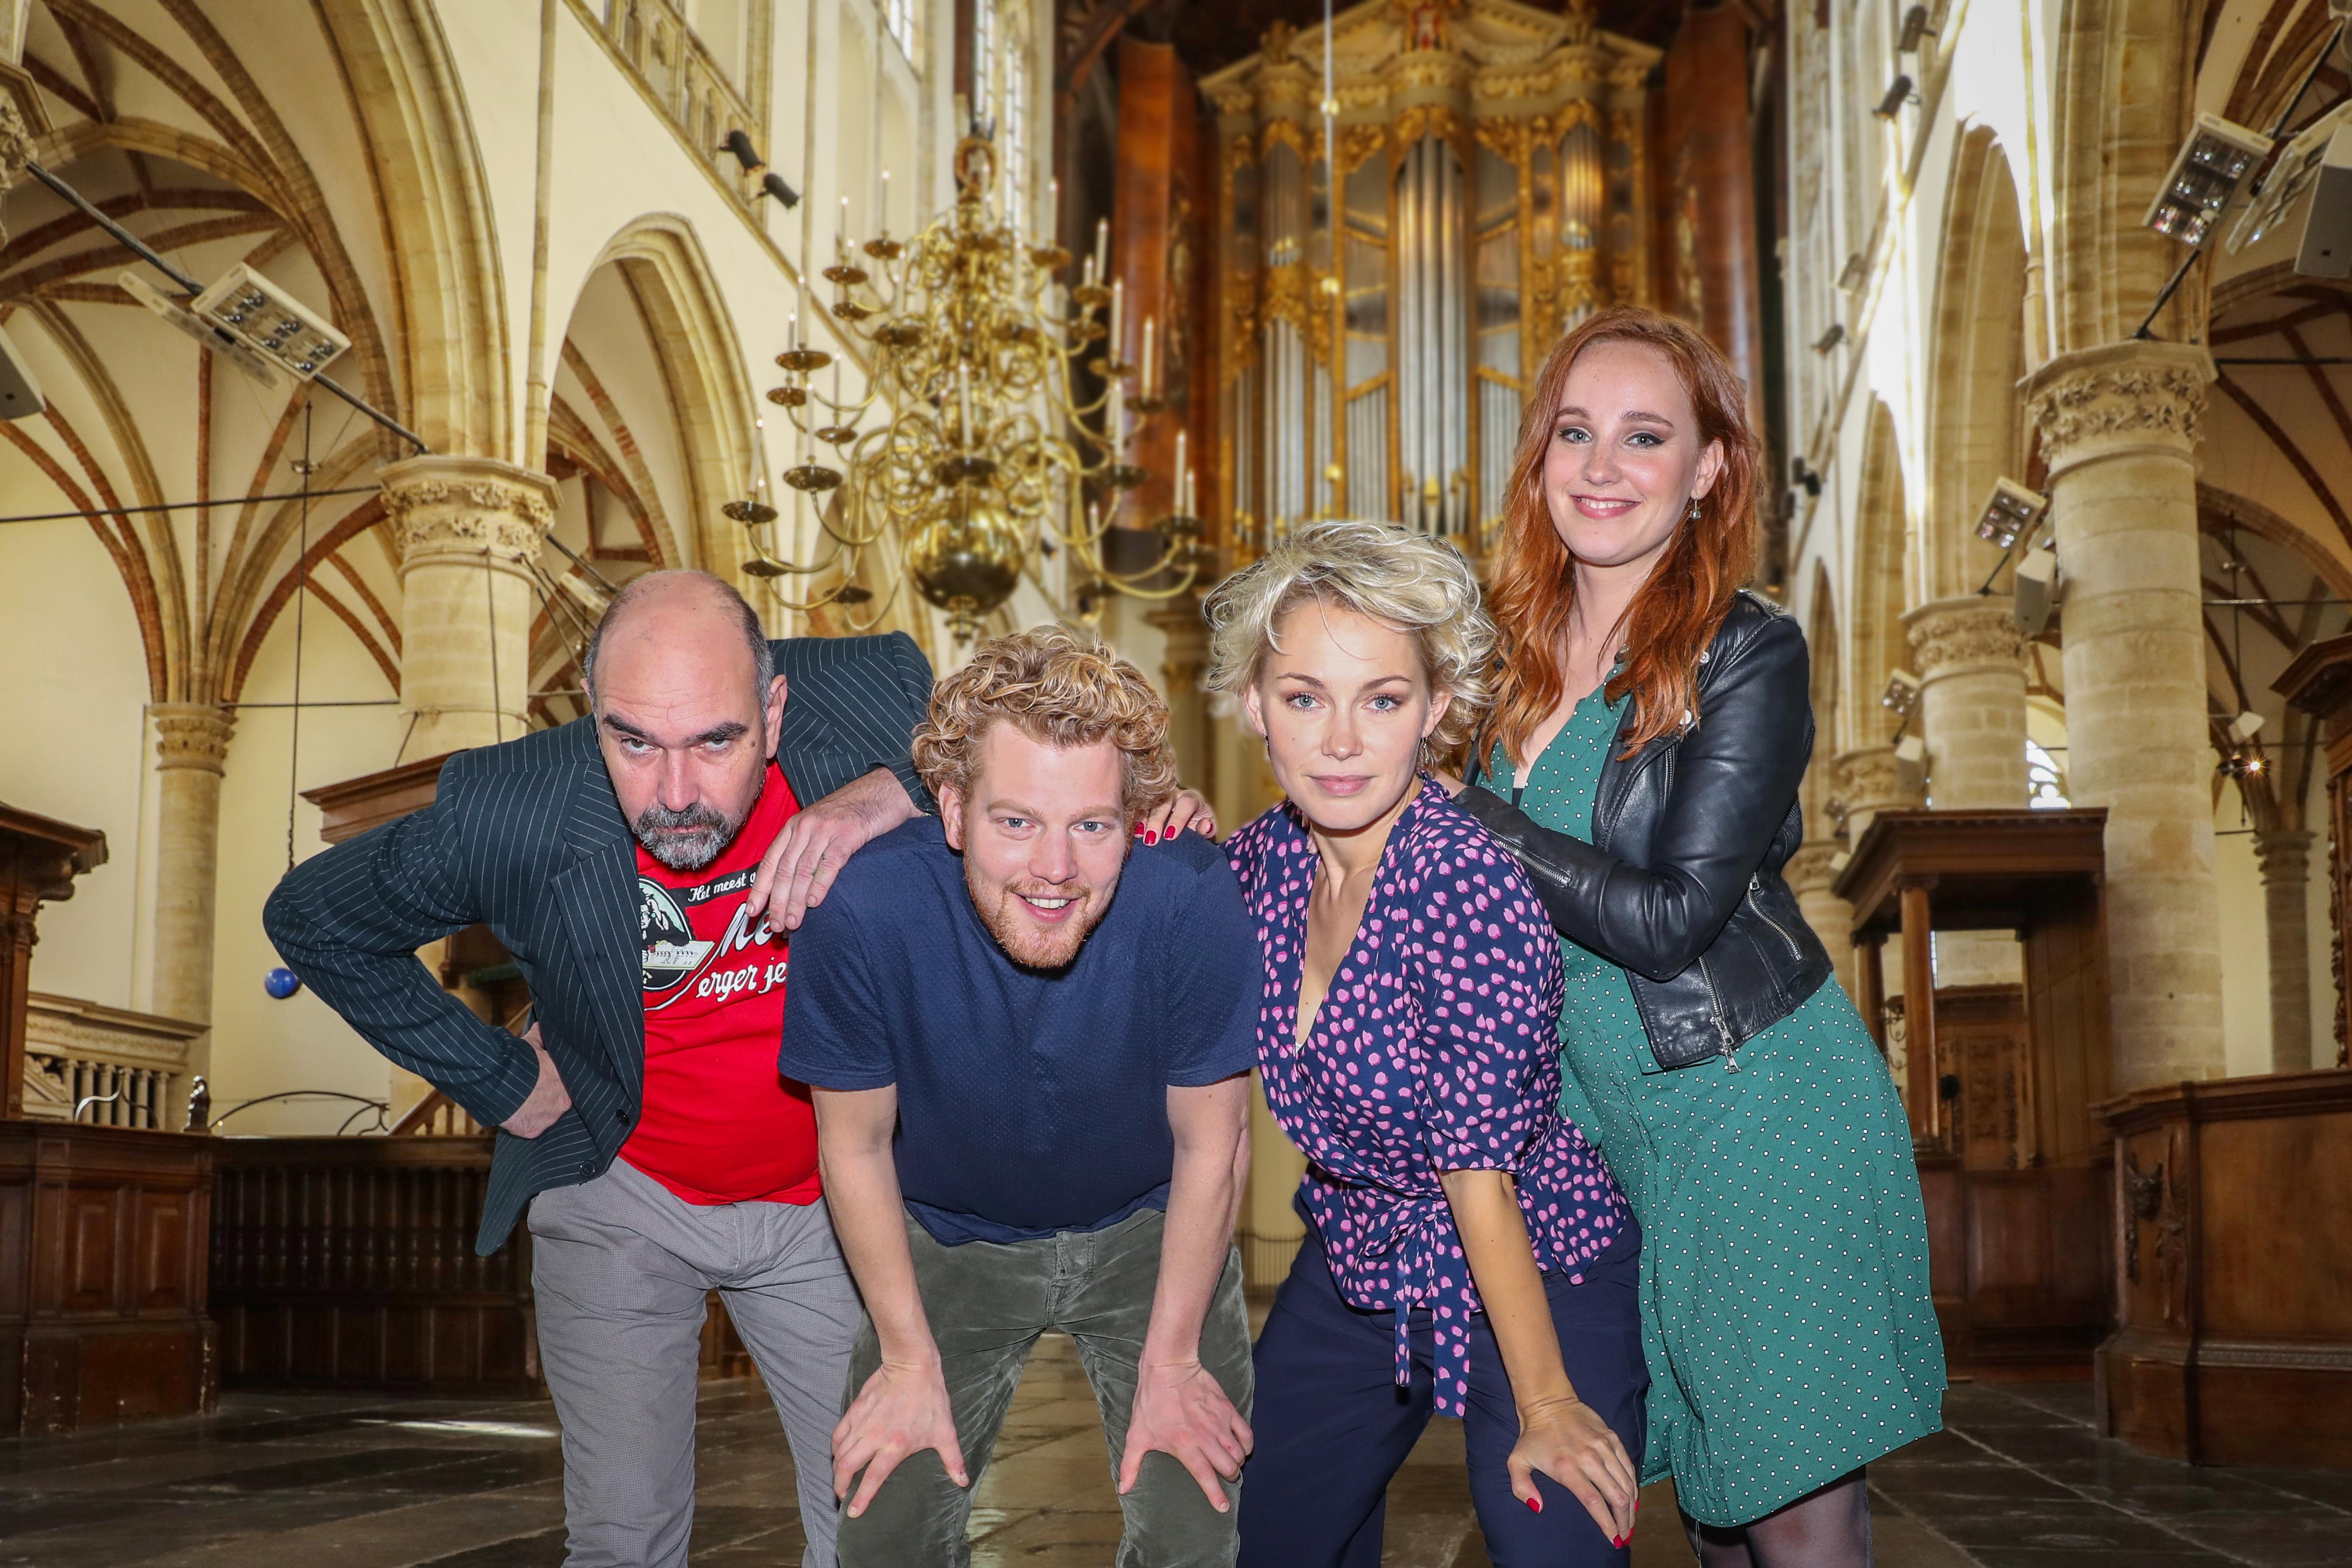 Cees Geel, Pepijn Schoneveld, Maartje van de Wetering en sopraan Laetitia Gerards vormen de cast van 'Het Mysterie van Alkmaar'. (Foto: Vincent de Vries/RM)